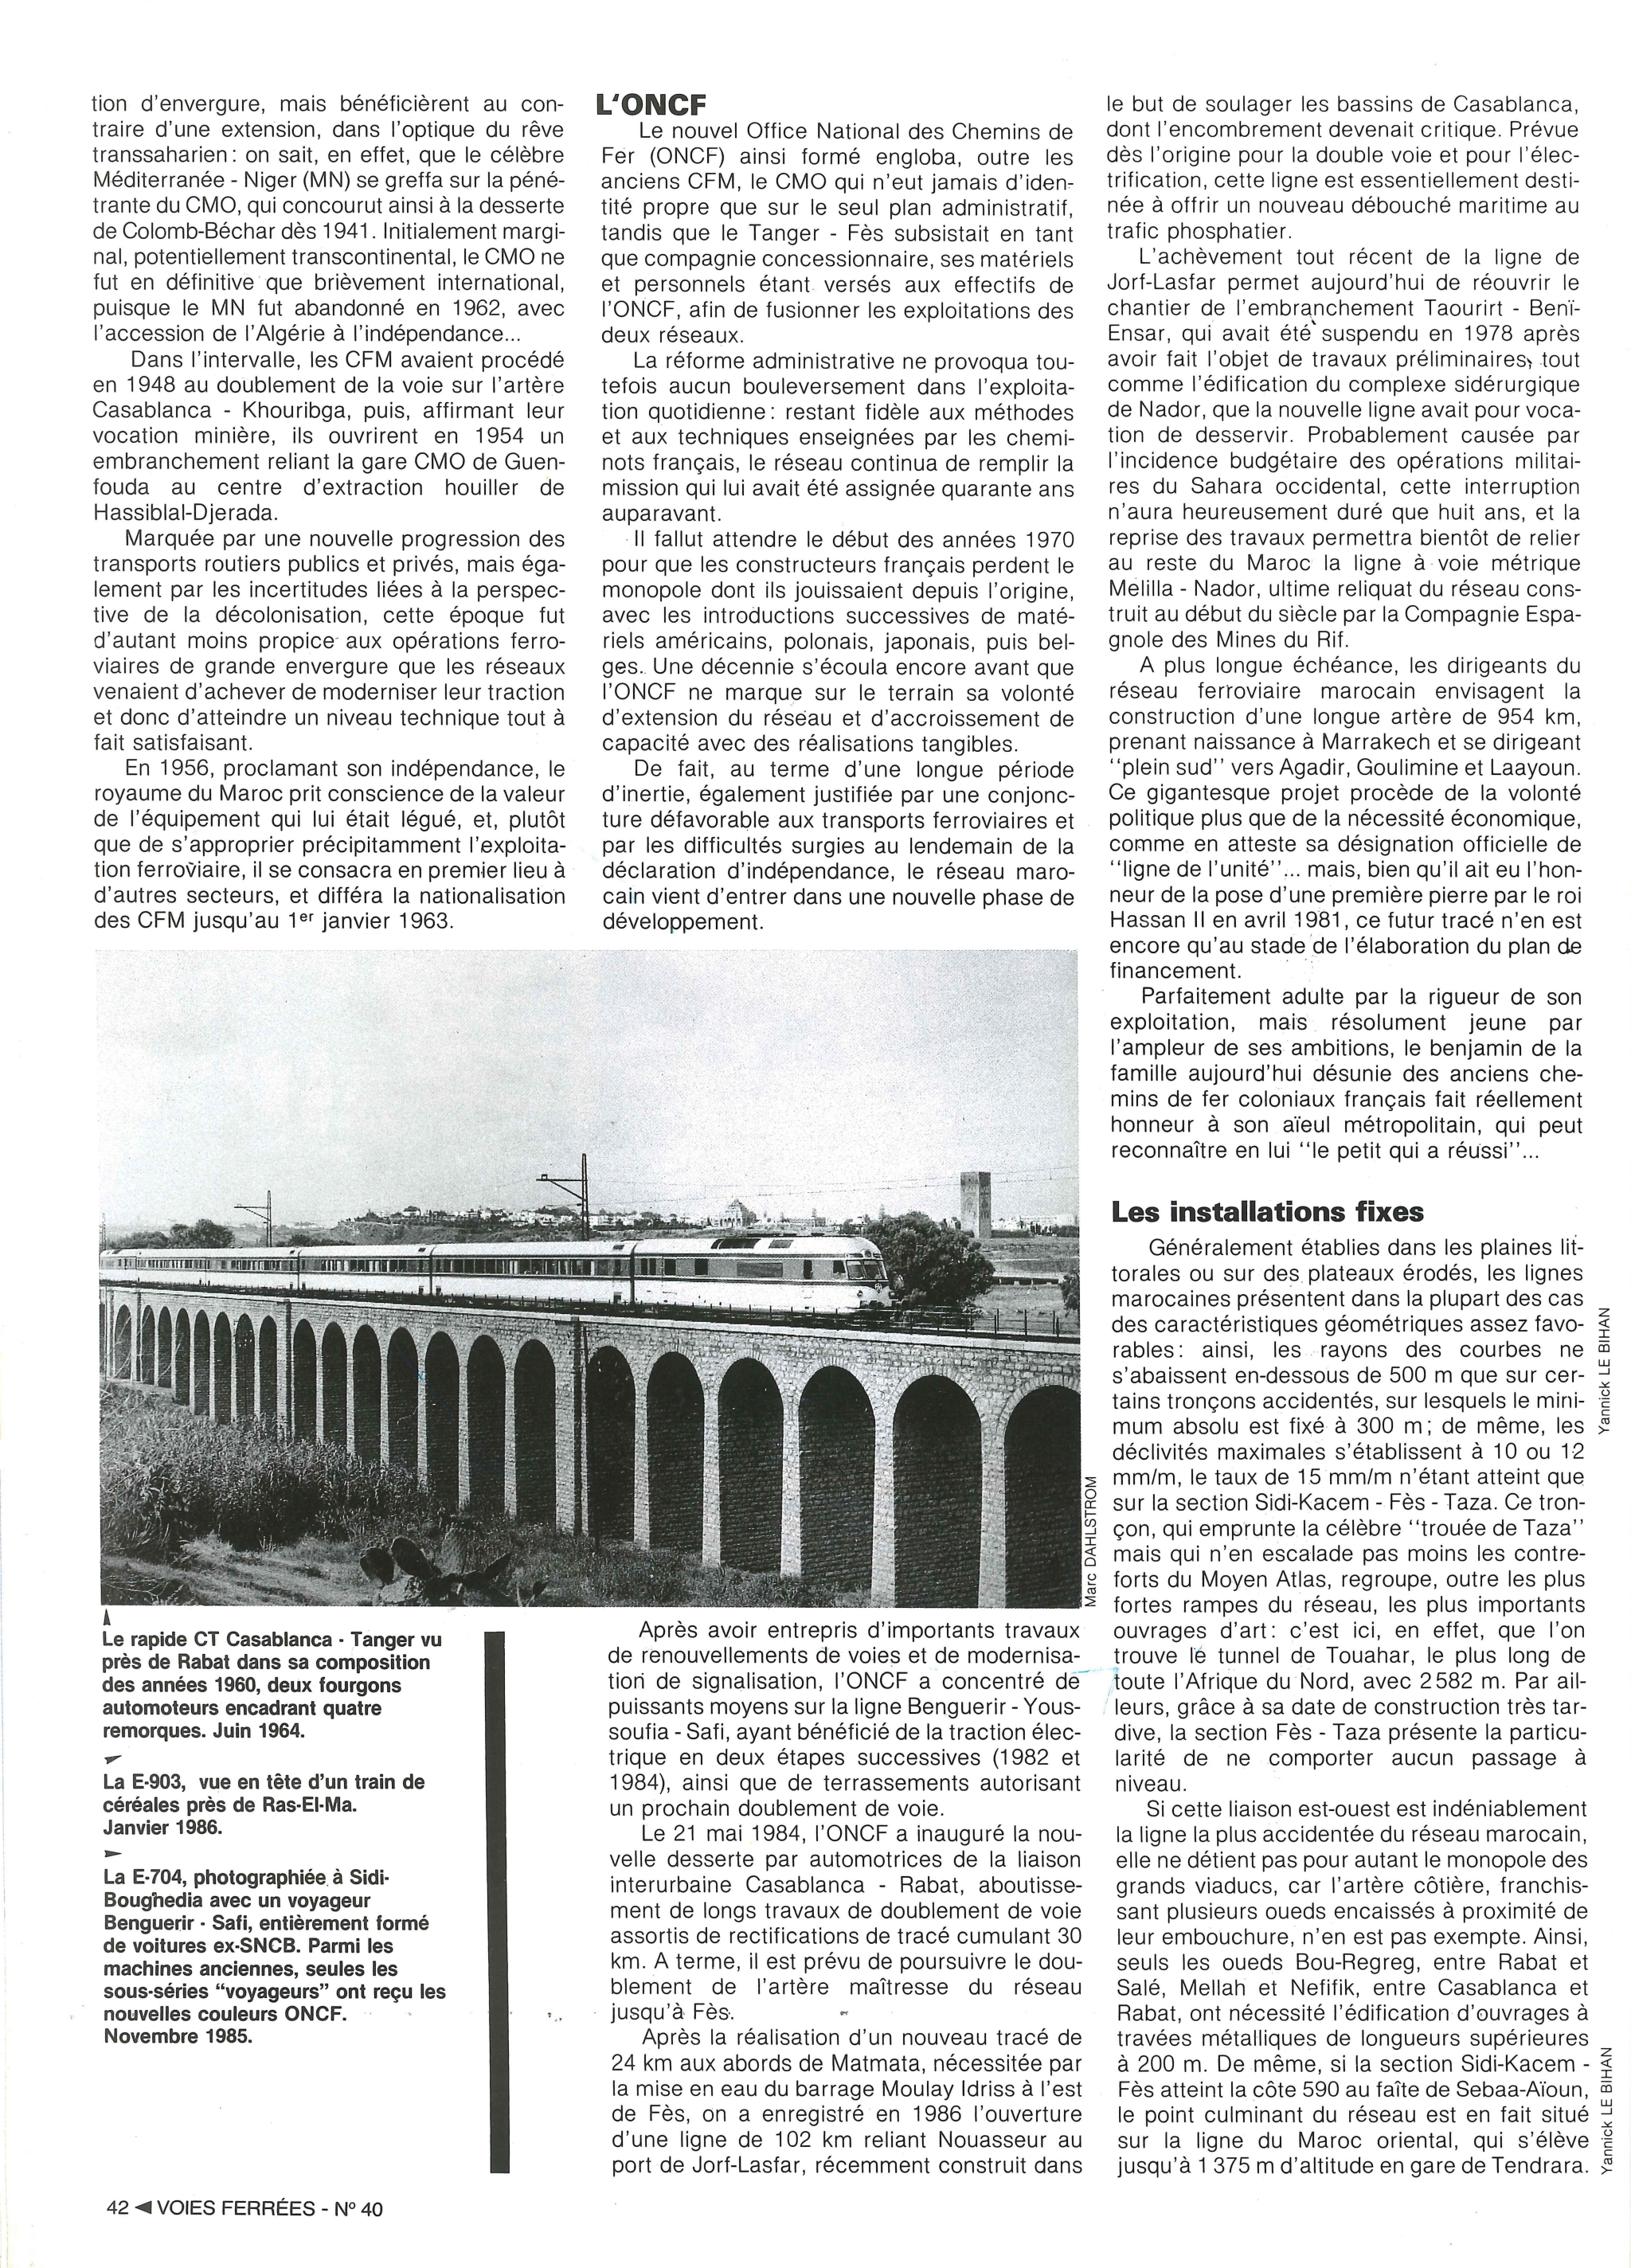 Chemins de Fer au Maroc - ONCF  - Page 4 49609240623_5266921ec8_o_d